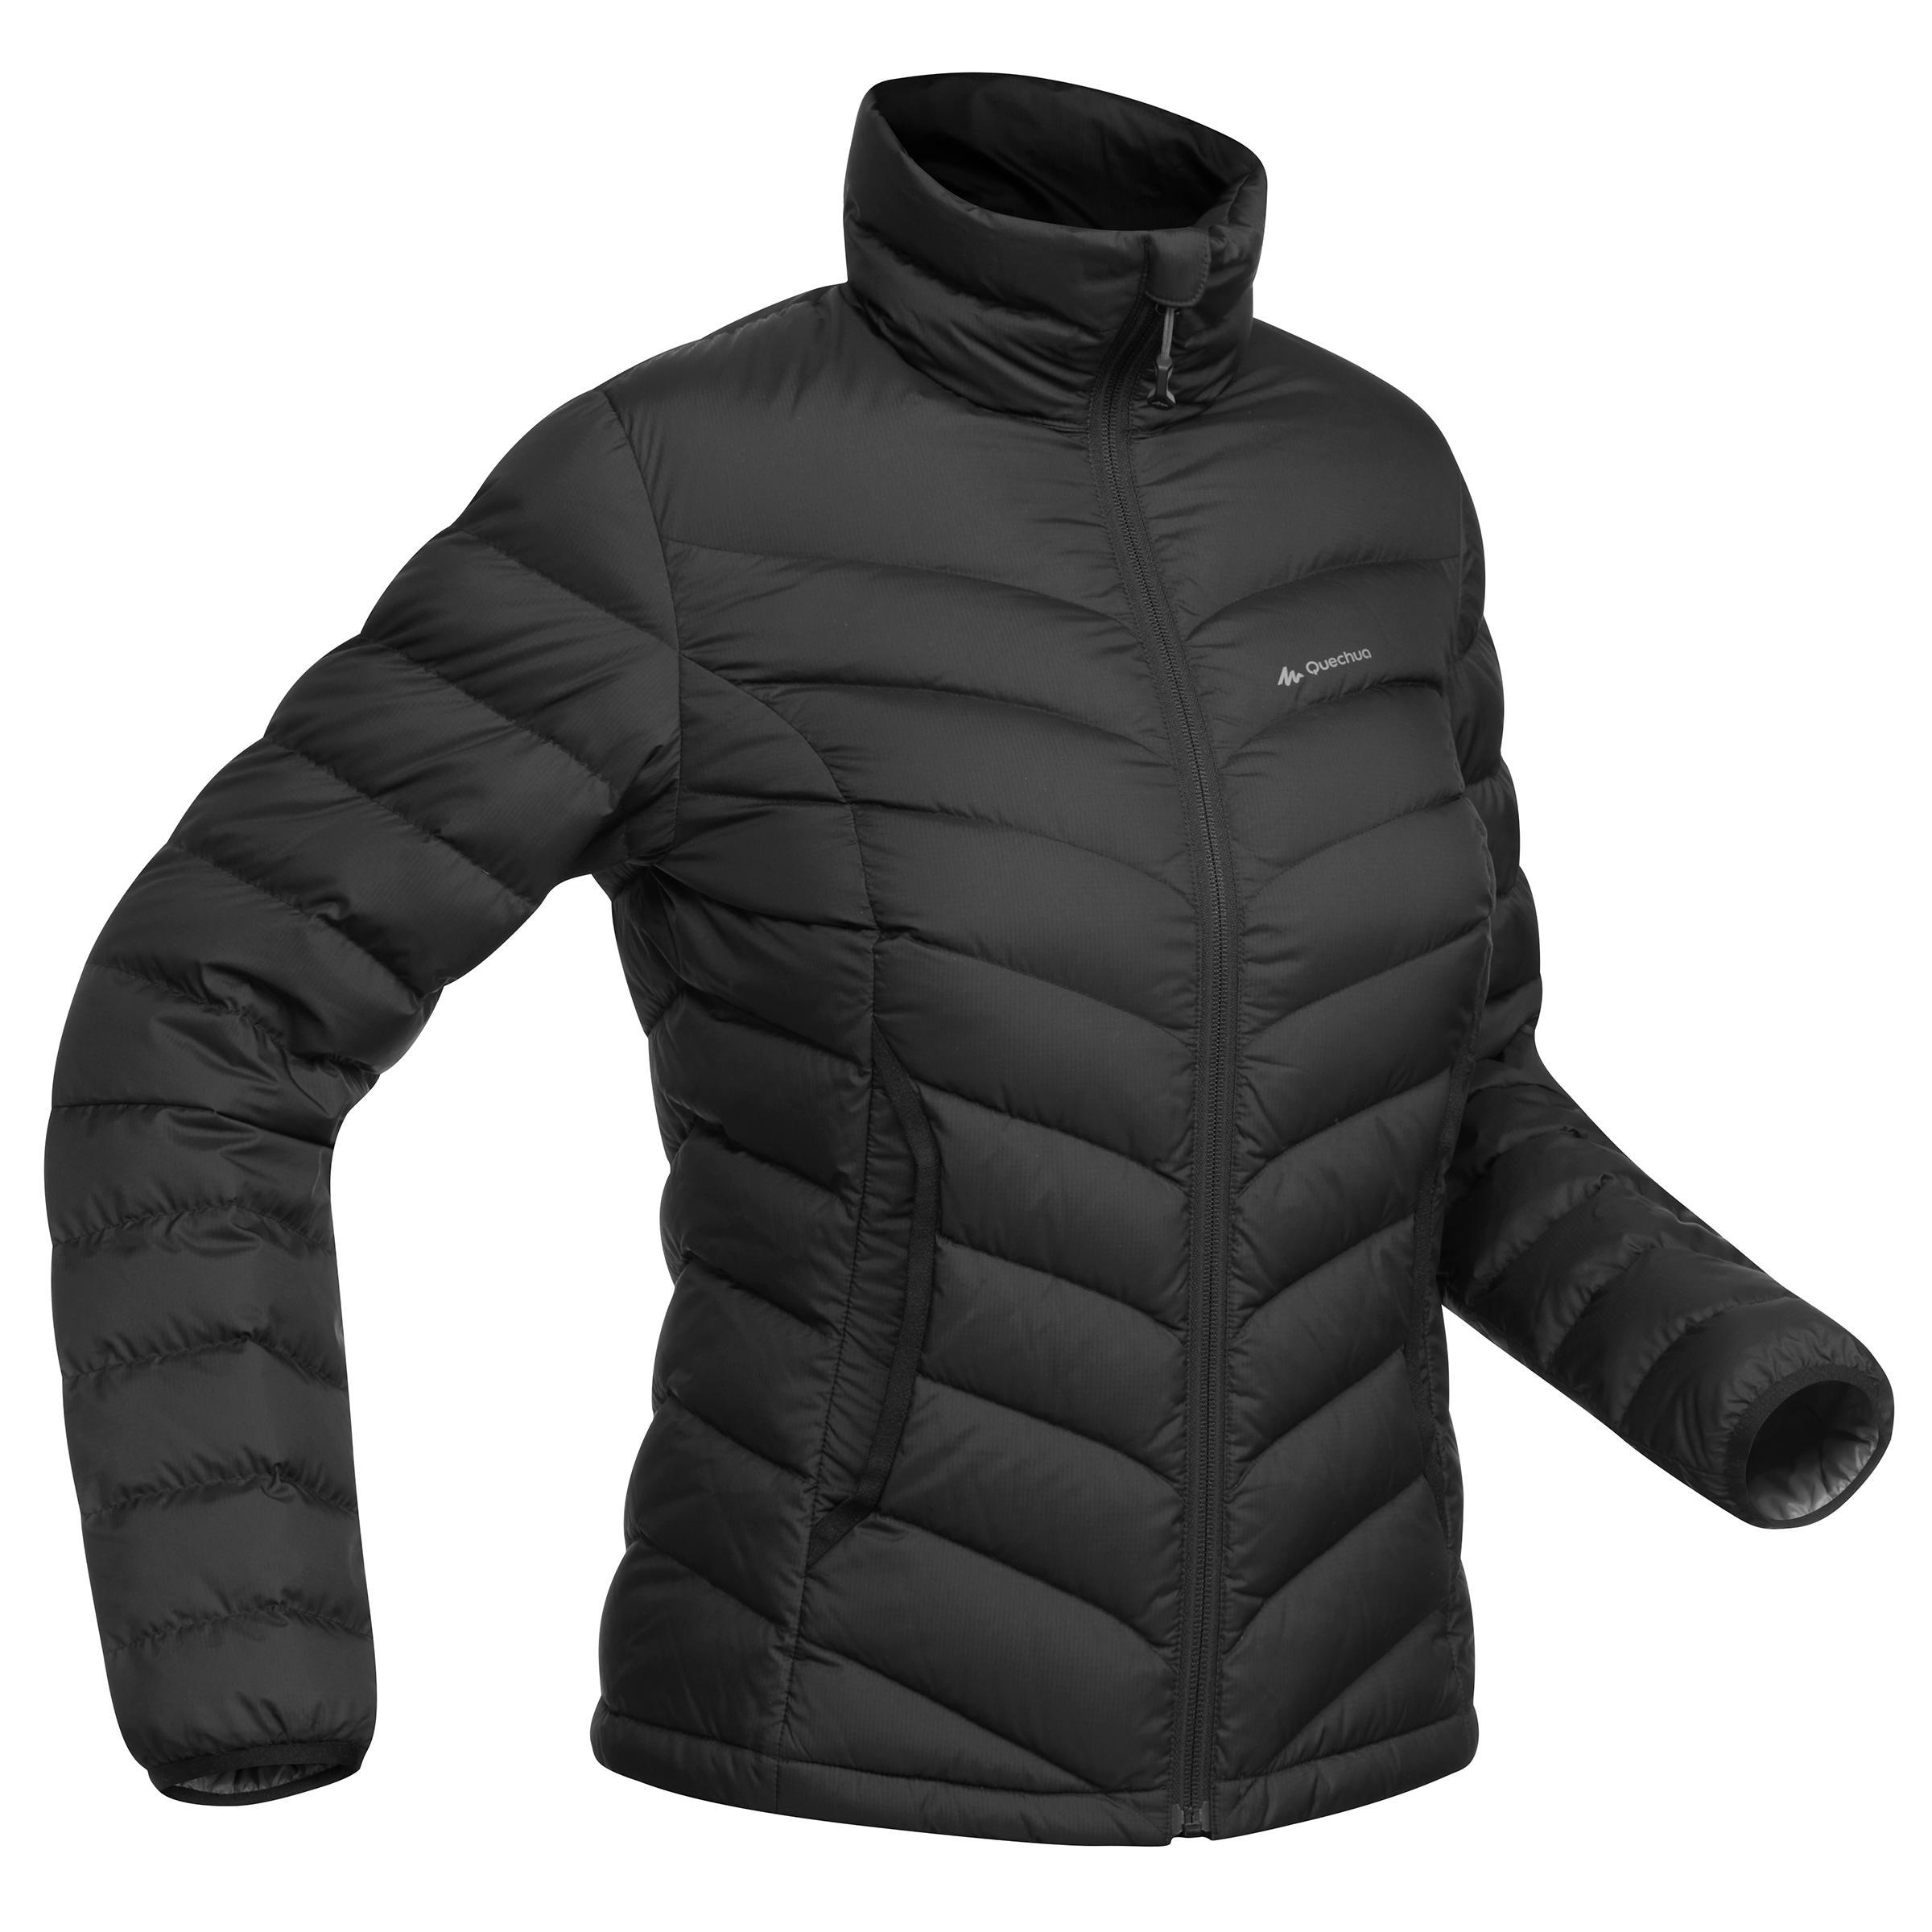 colección de descuento nueva apariencia más popular Abrigo Chaqueta Plumón Montaña y Trekking Forclaz TREK500 Acolchada Mujer  Negro